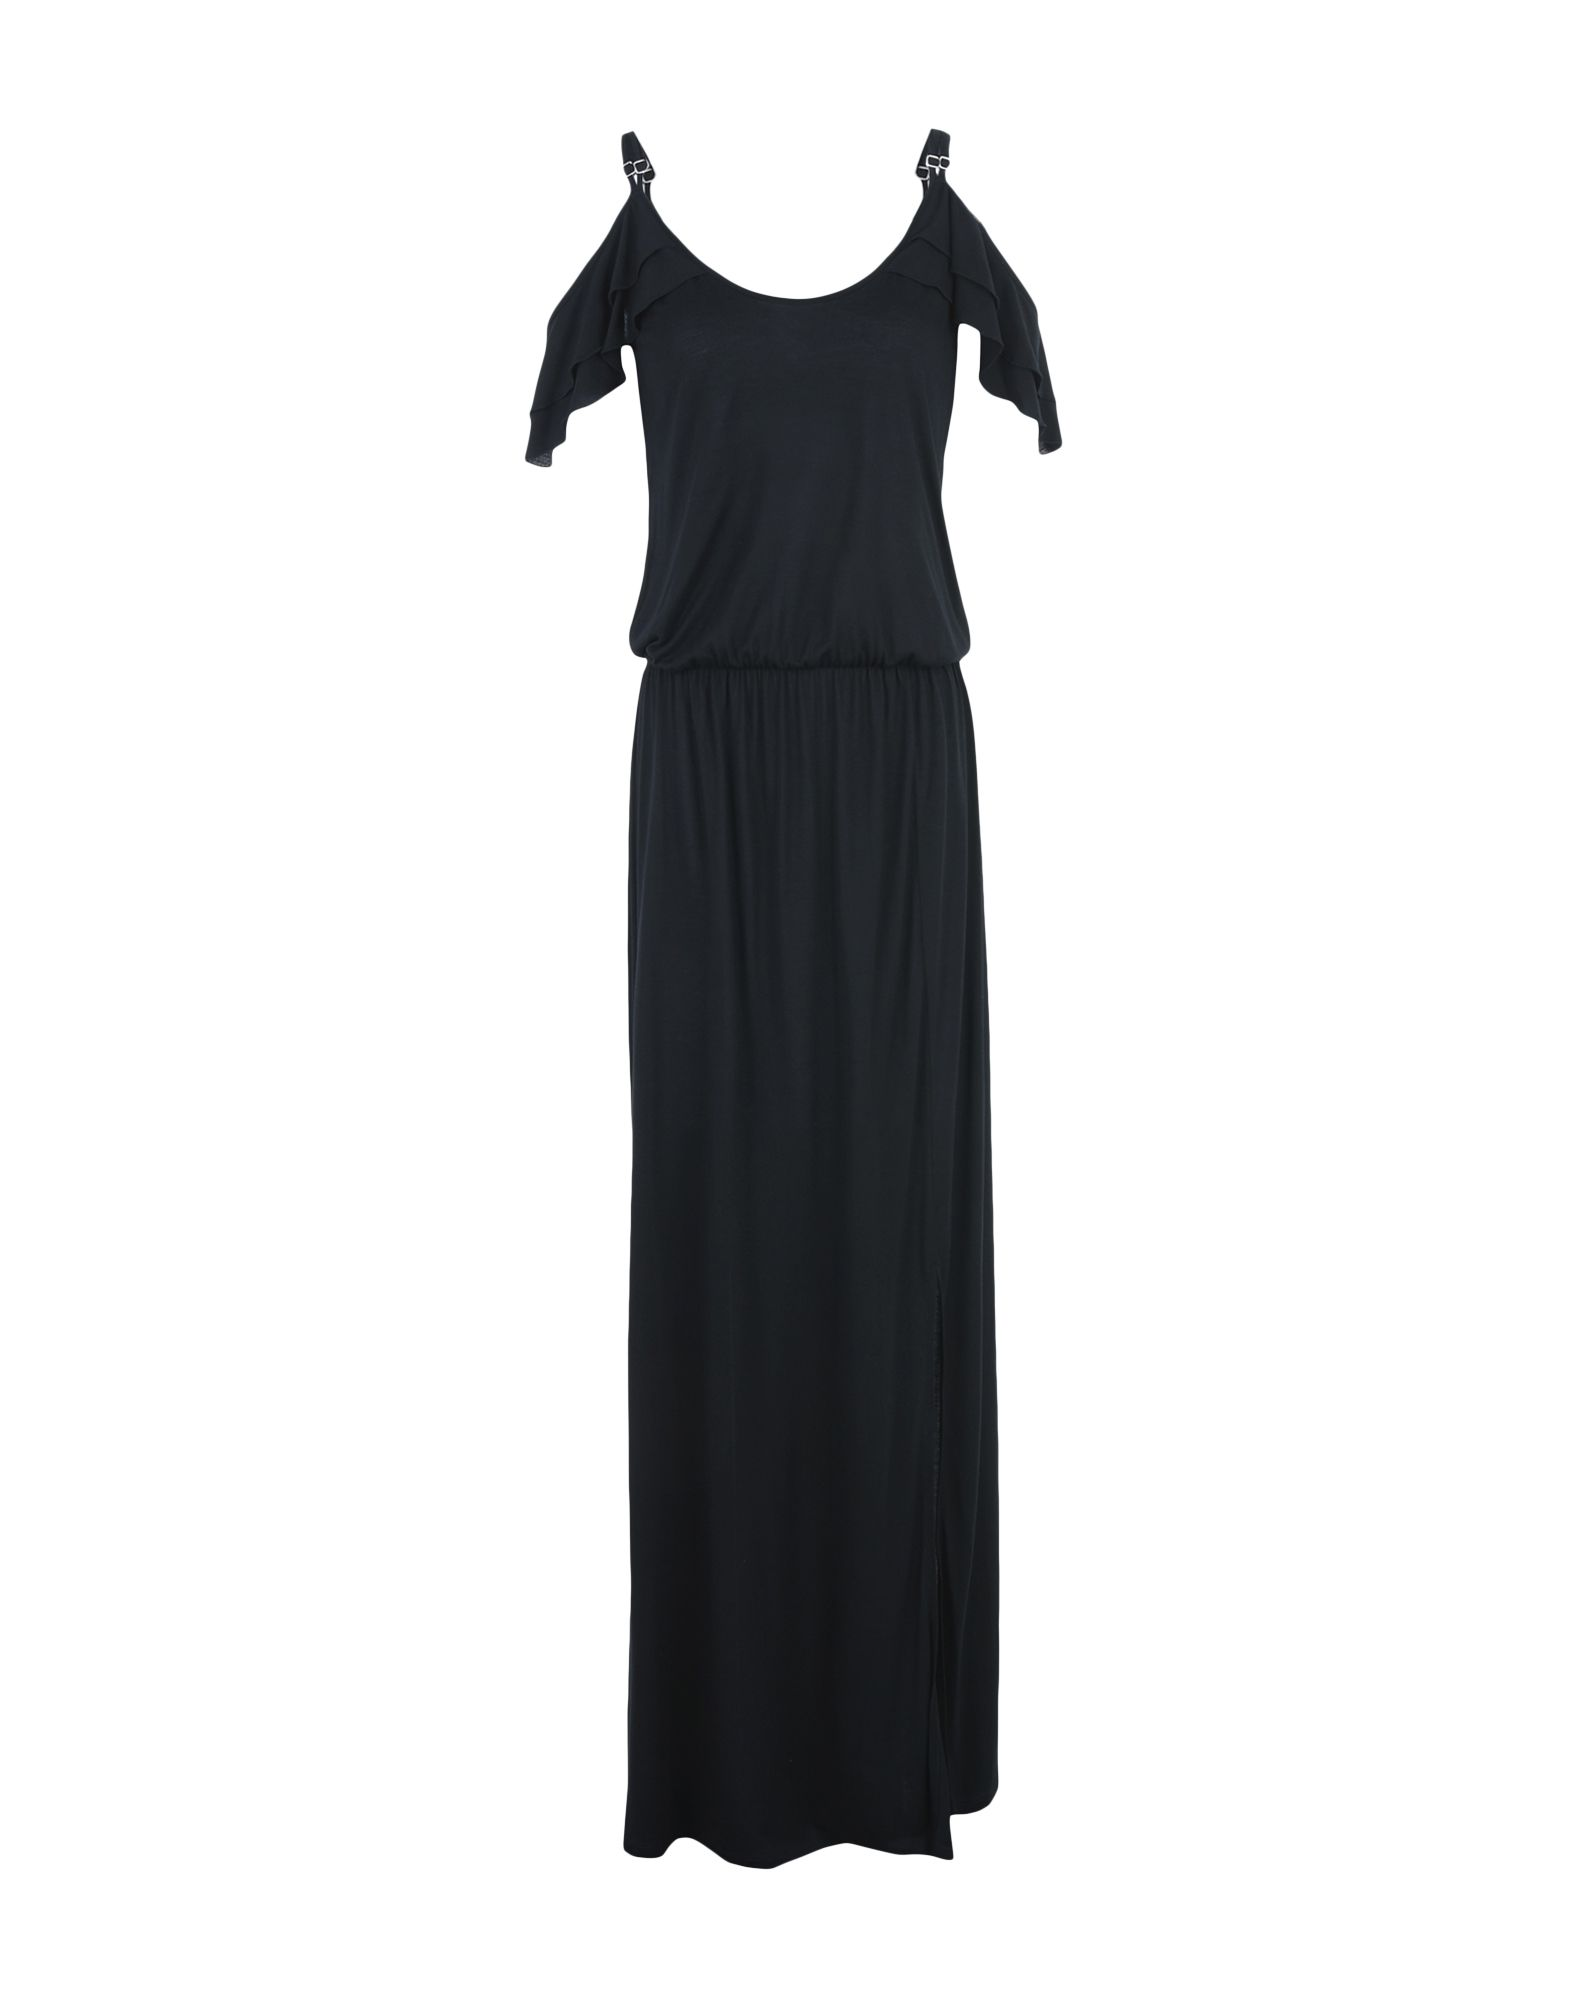 SVNTY Long Dress in Black